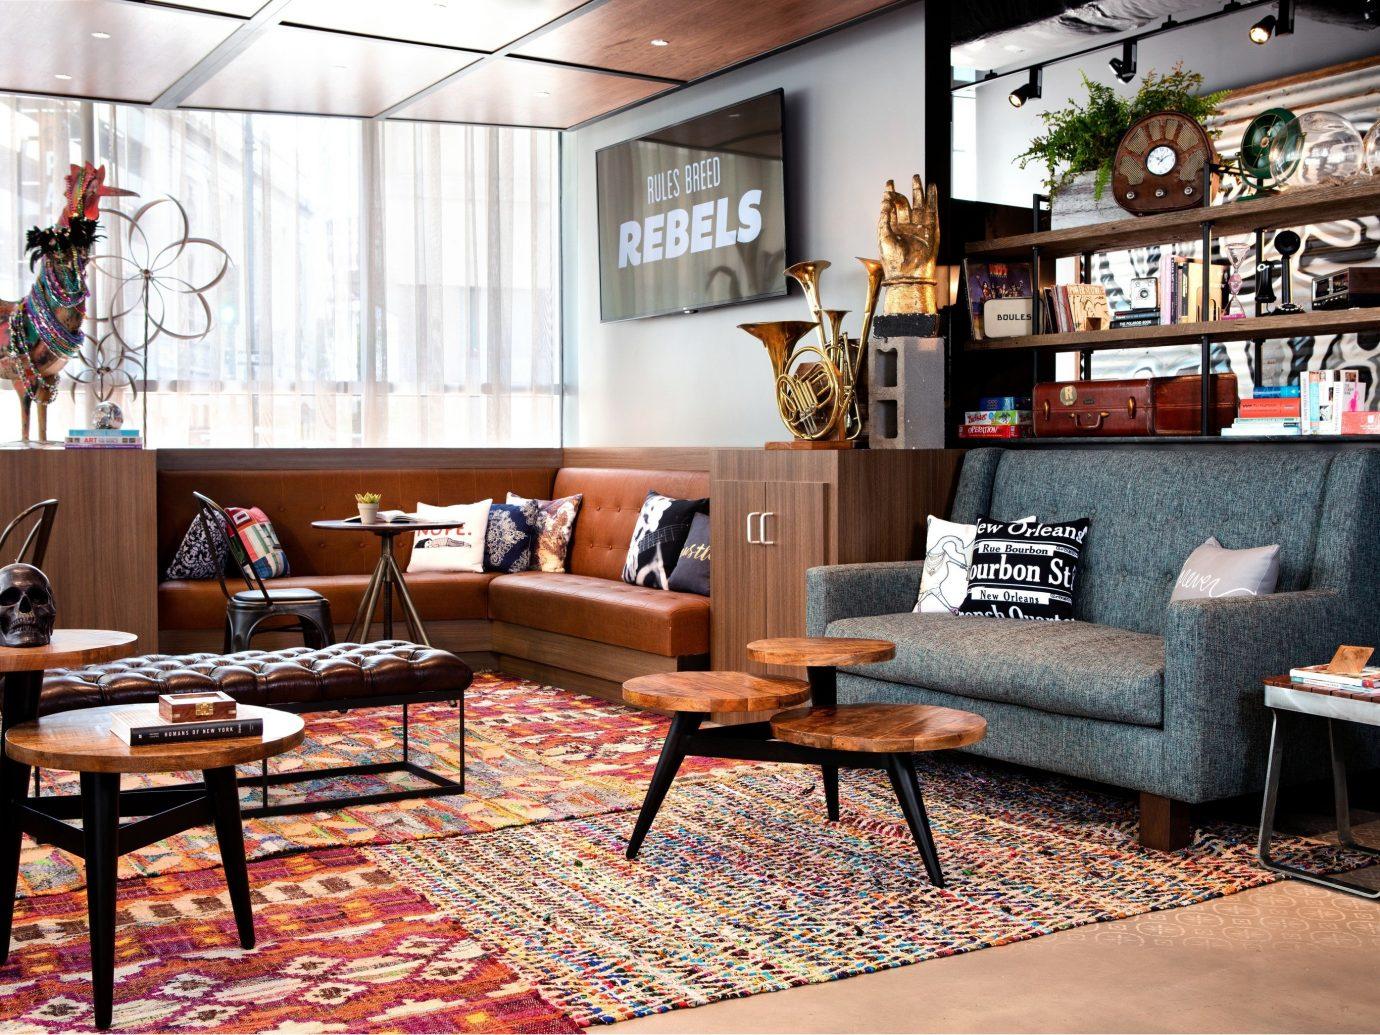 Boutique Hotels floor indoor Living room living room property home ceiling interior design Design real estate estate furniture recreation room loft area